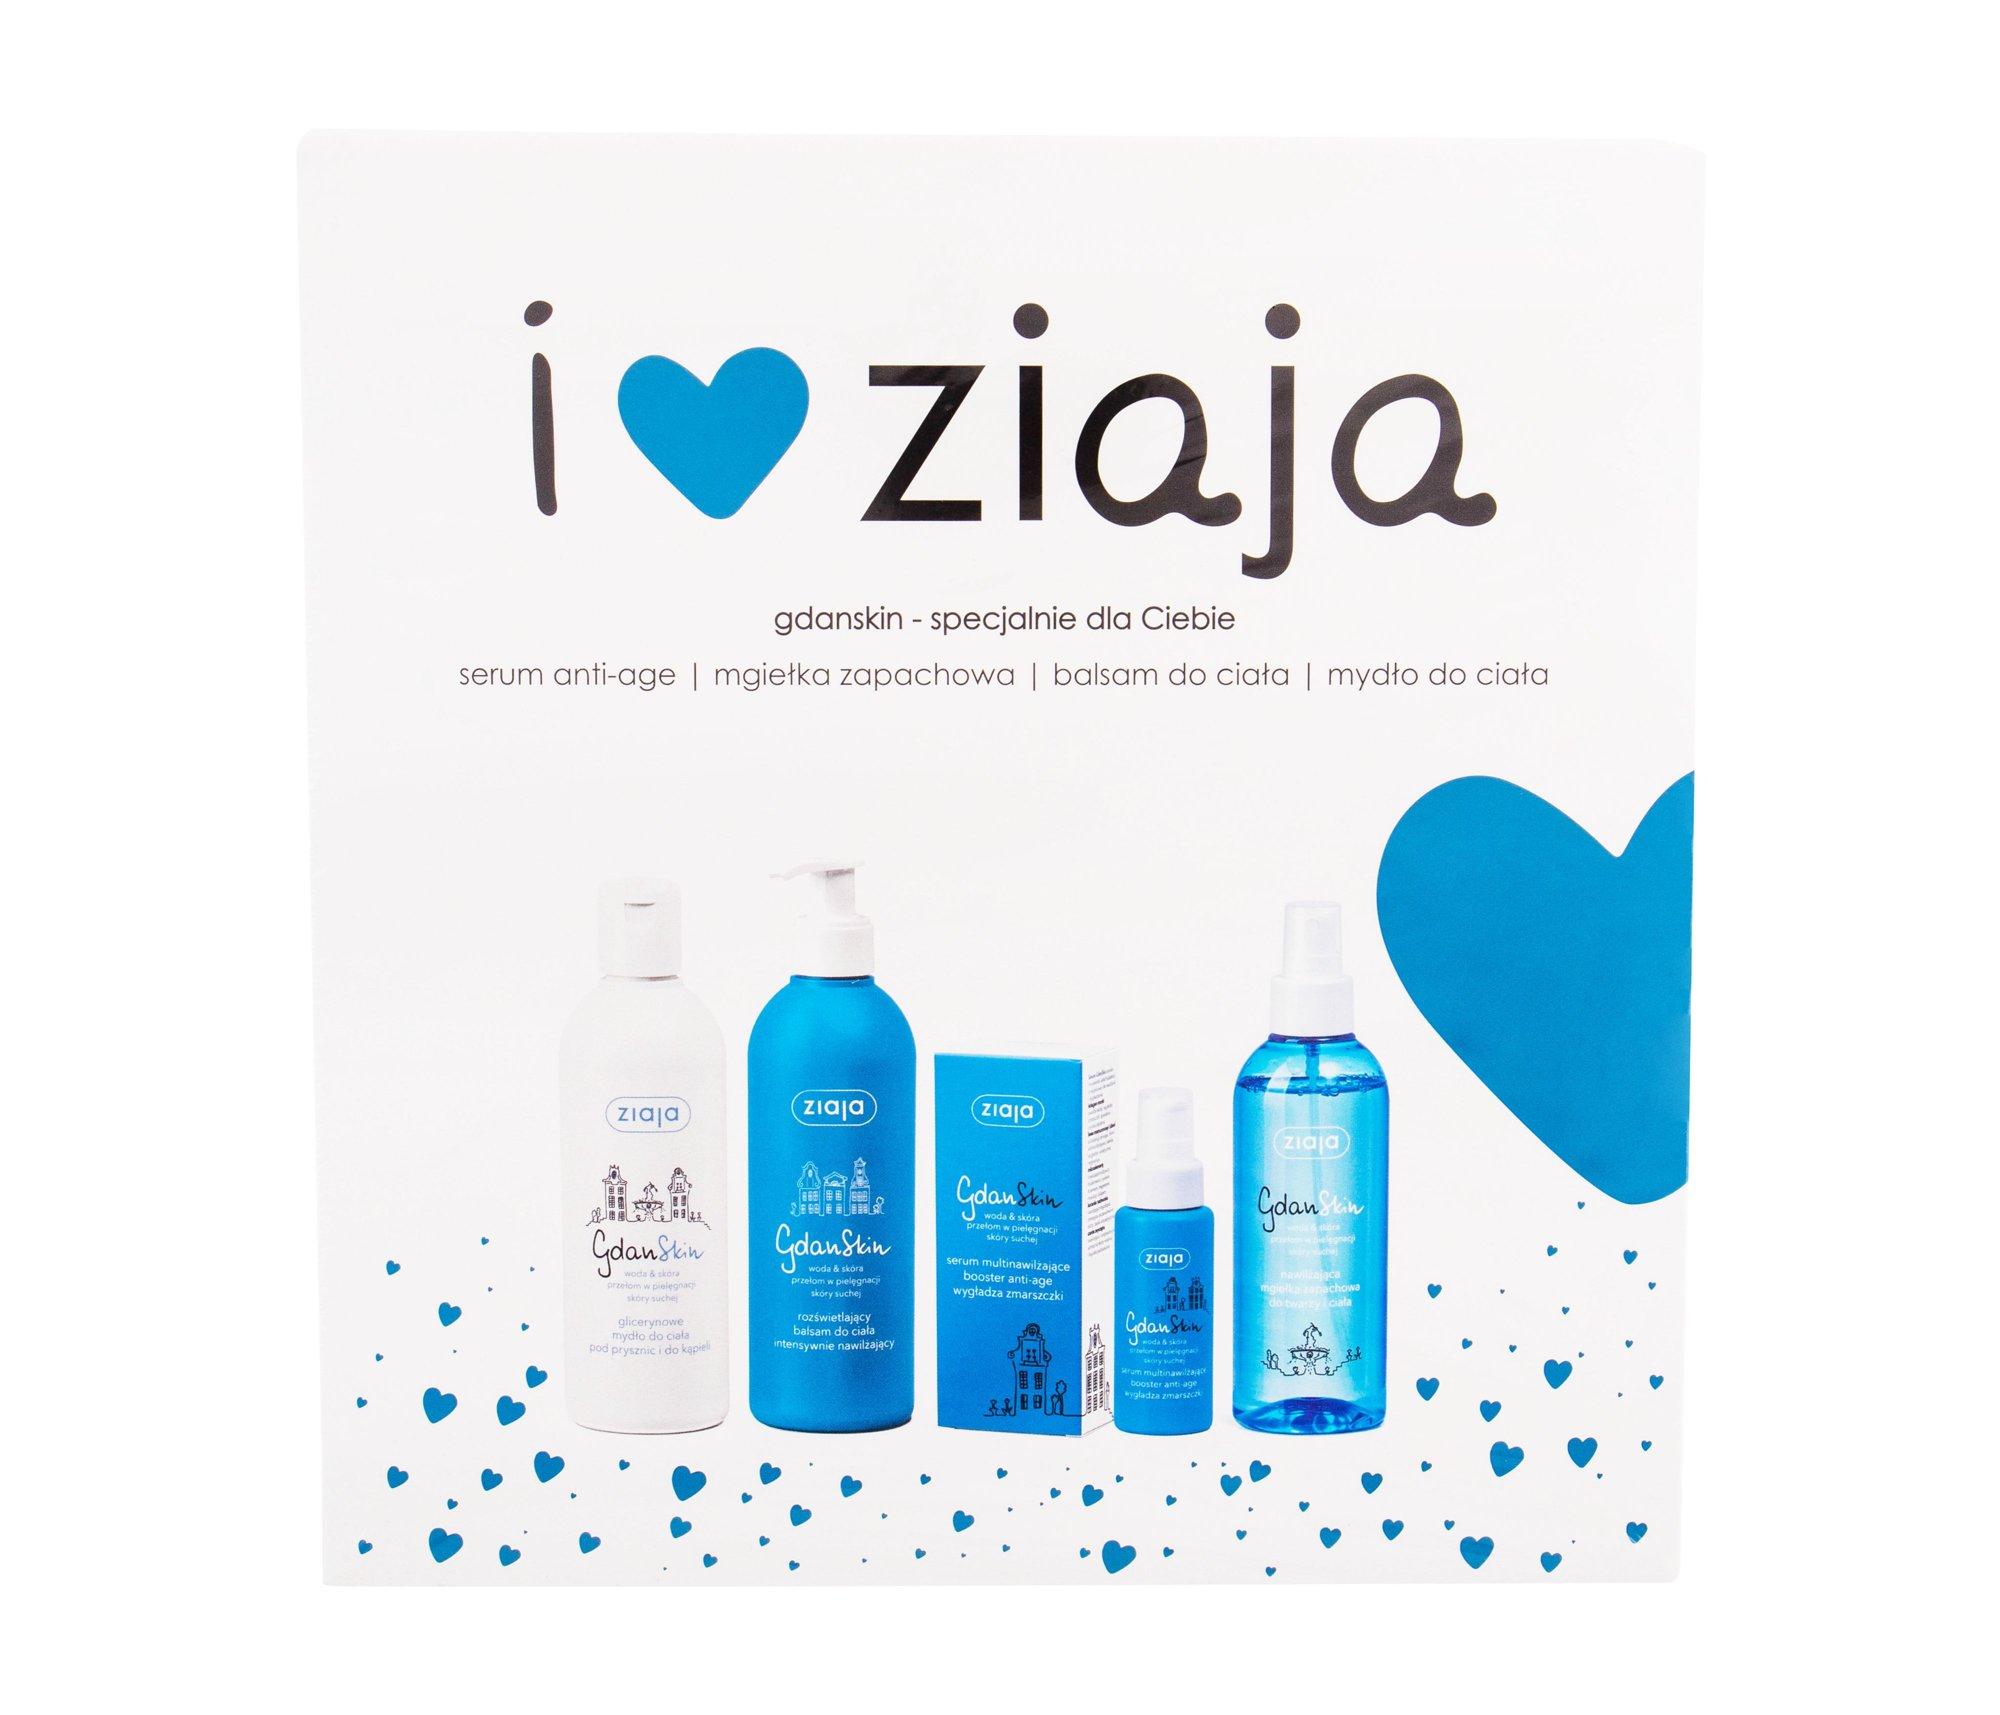 Ziaja GdanSkin Skin Serum 50ml